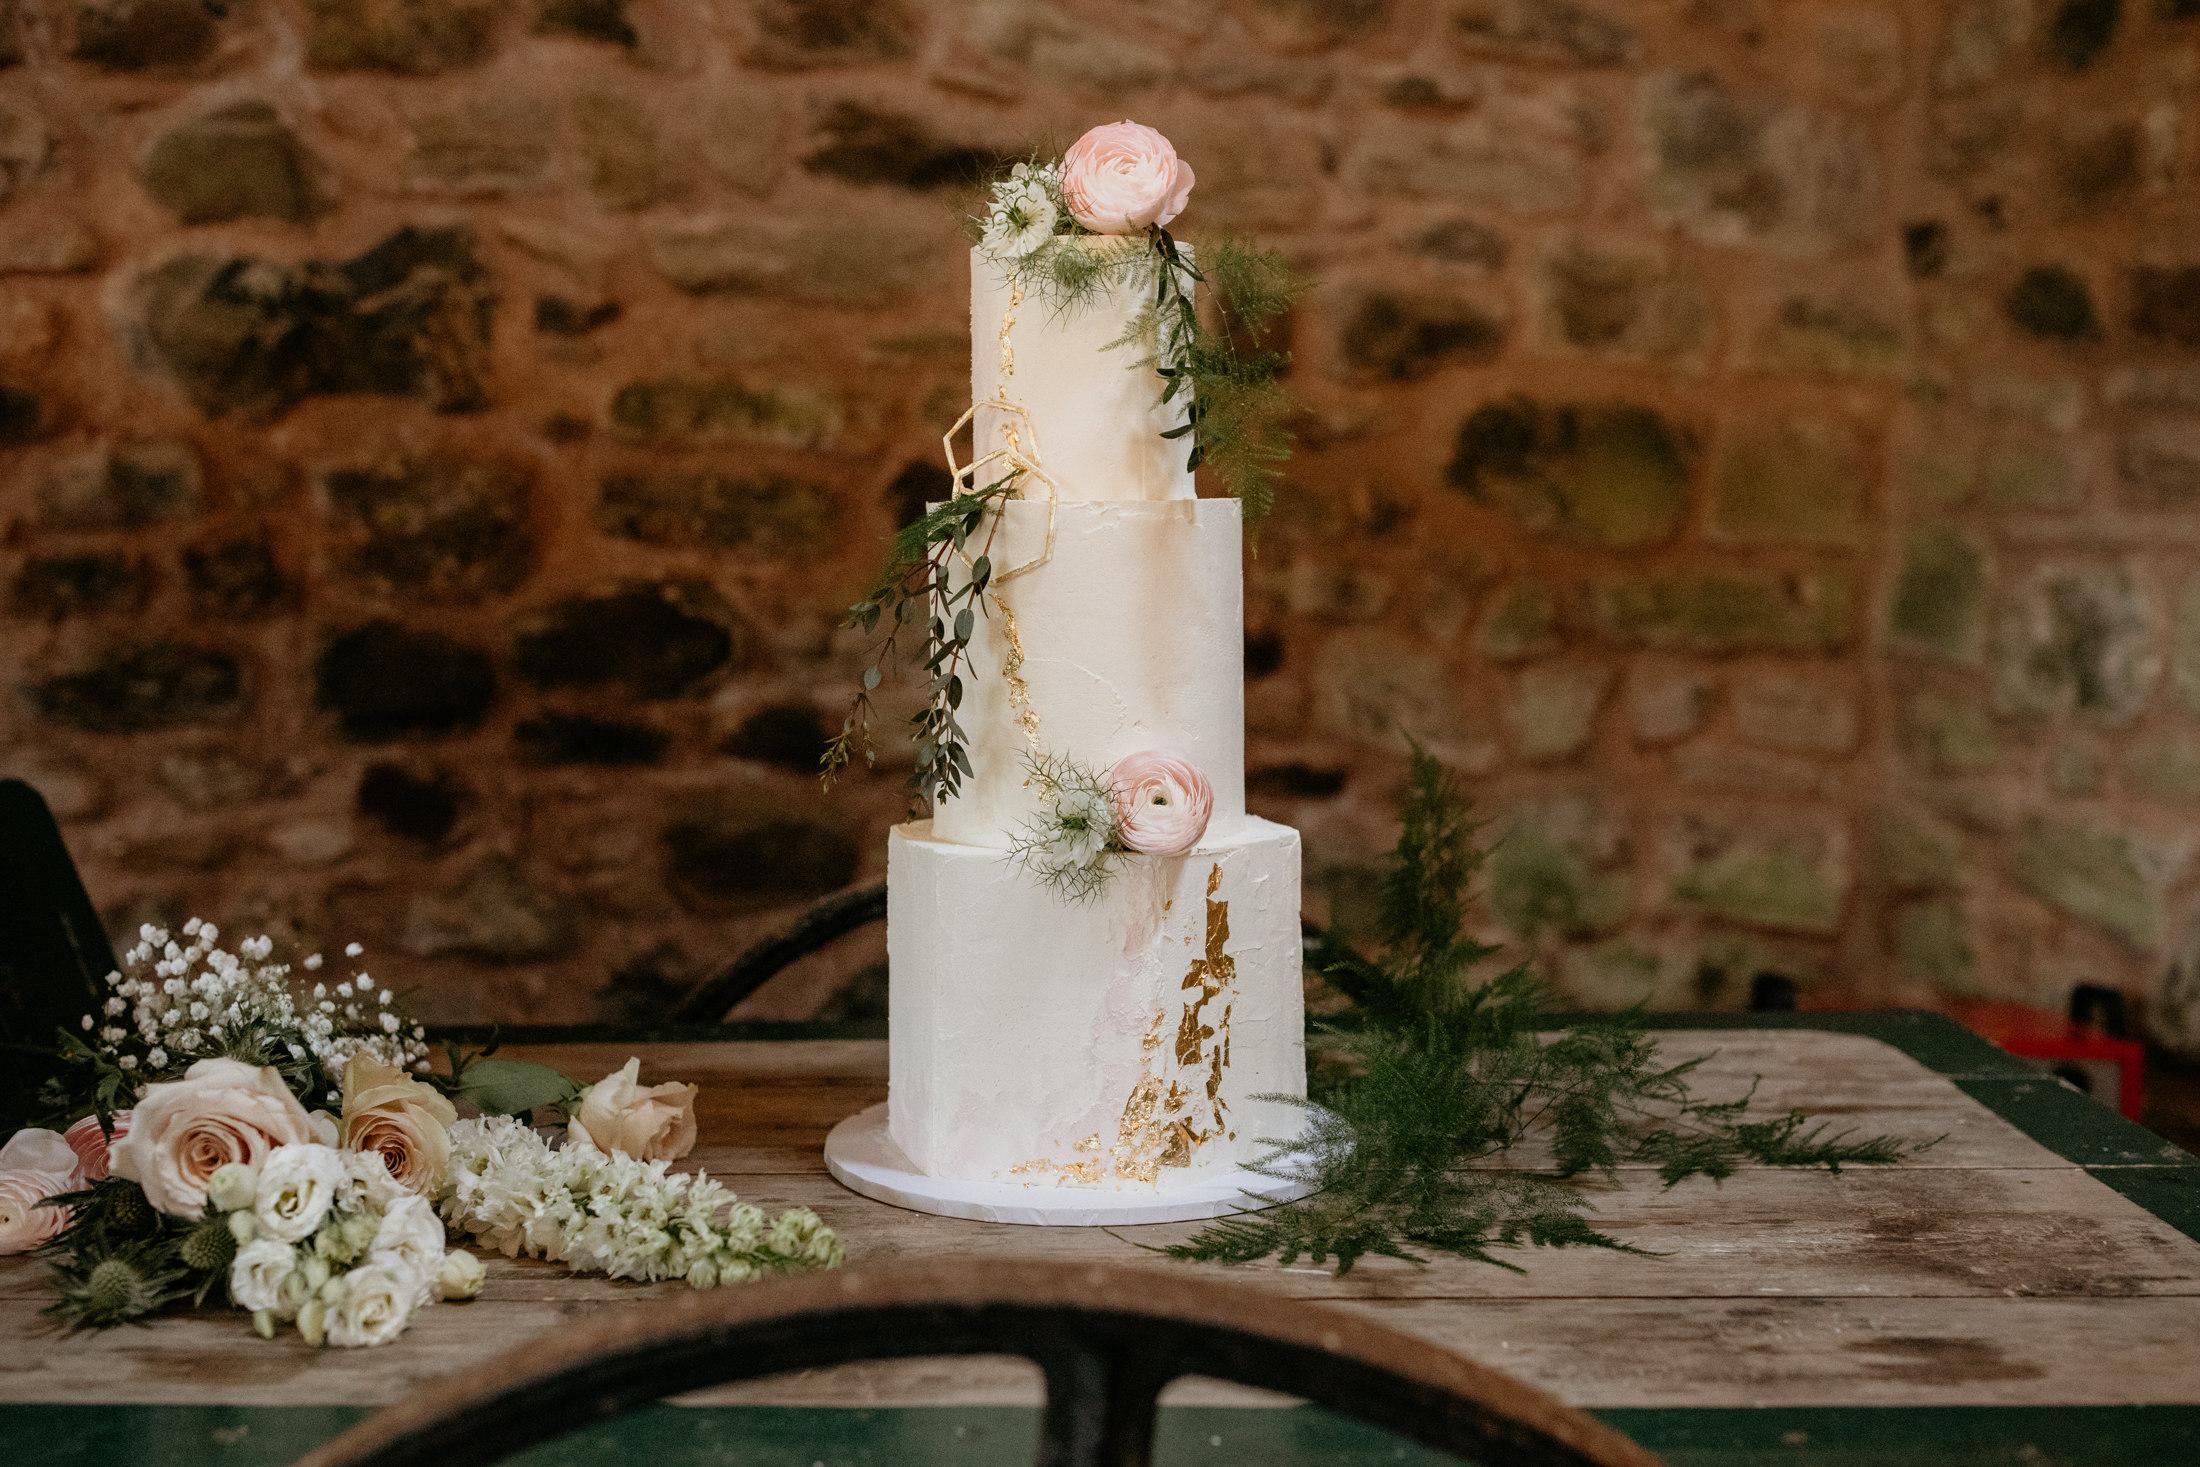 079-Brodie-Lewis-Wedderburn-Castle-Barns-Duns-Lianne-Mackay-Wedding-Photography-Edinburgh-Glasgow-Scotland.jpg